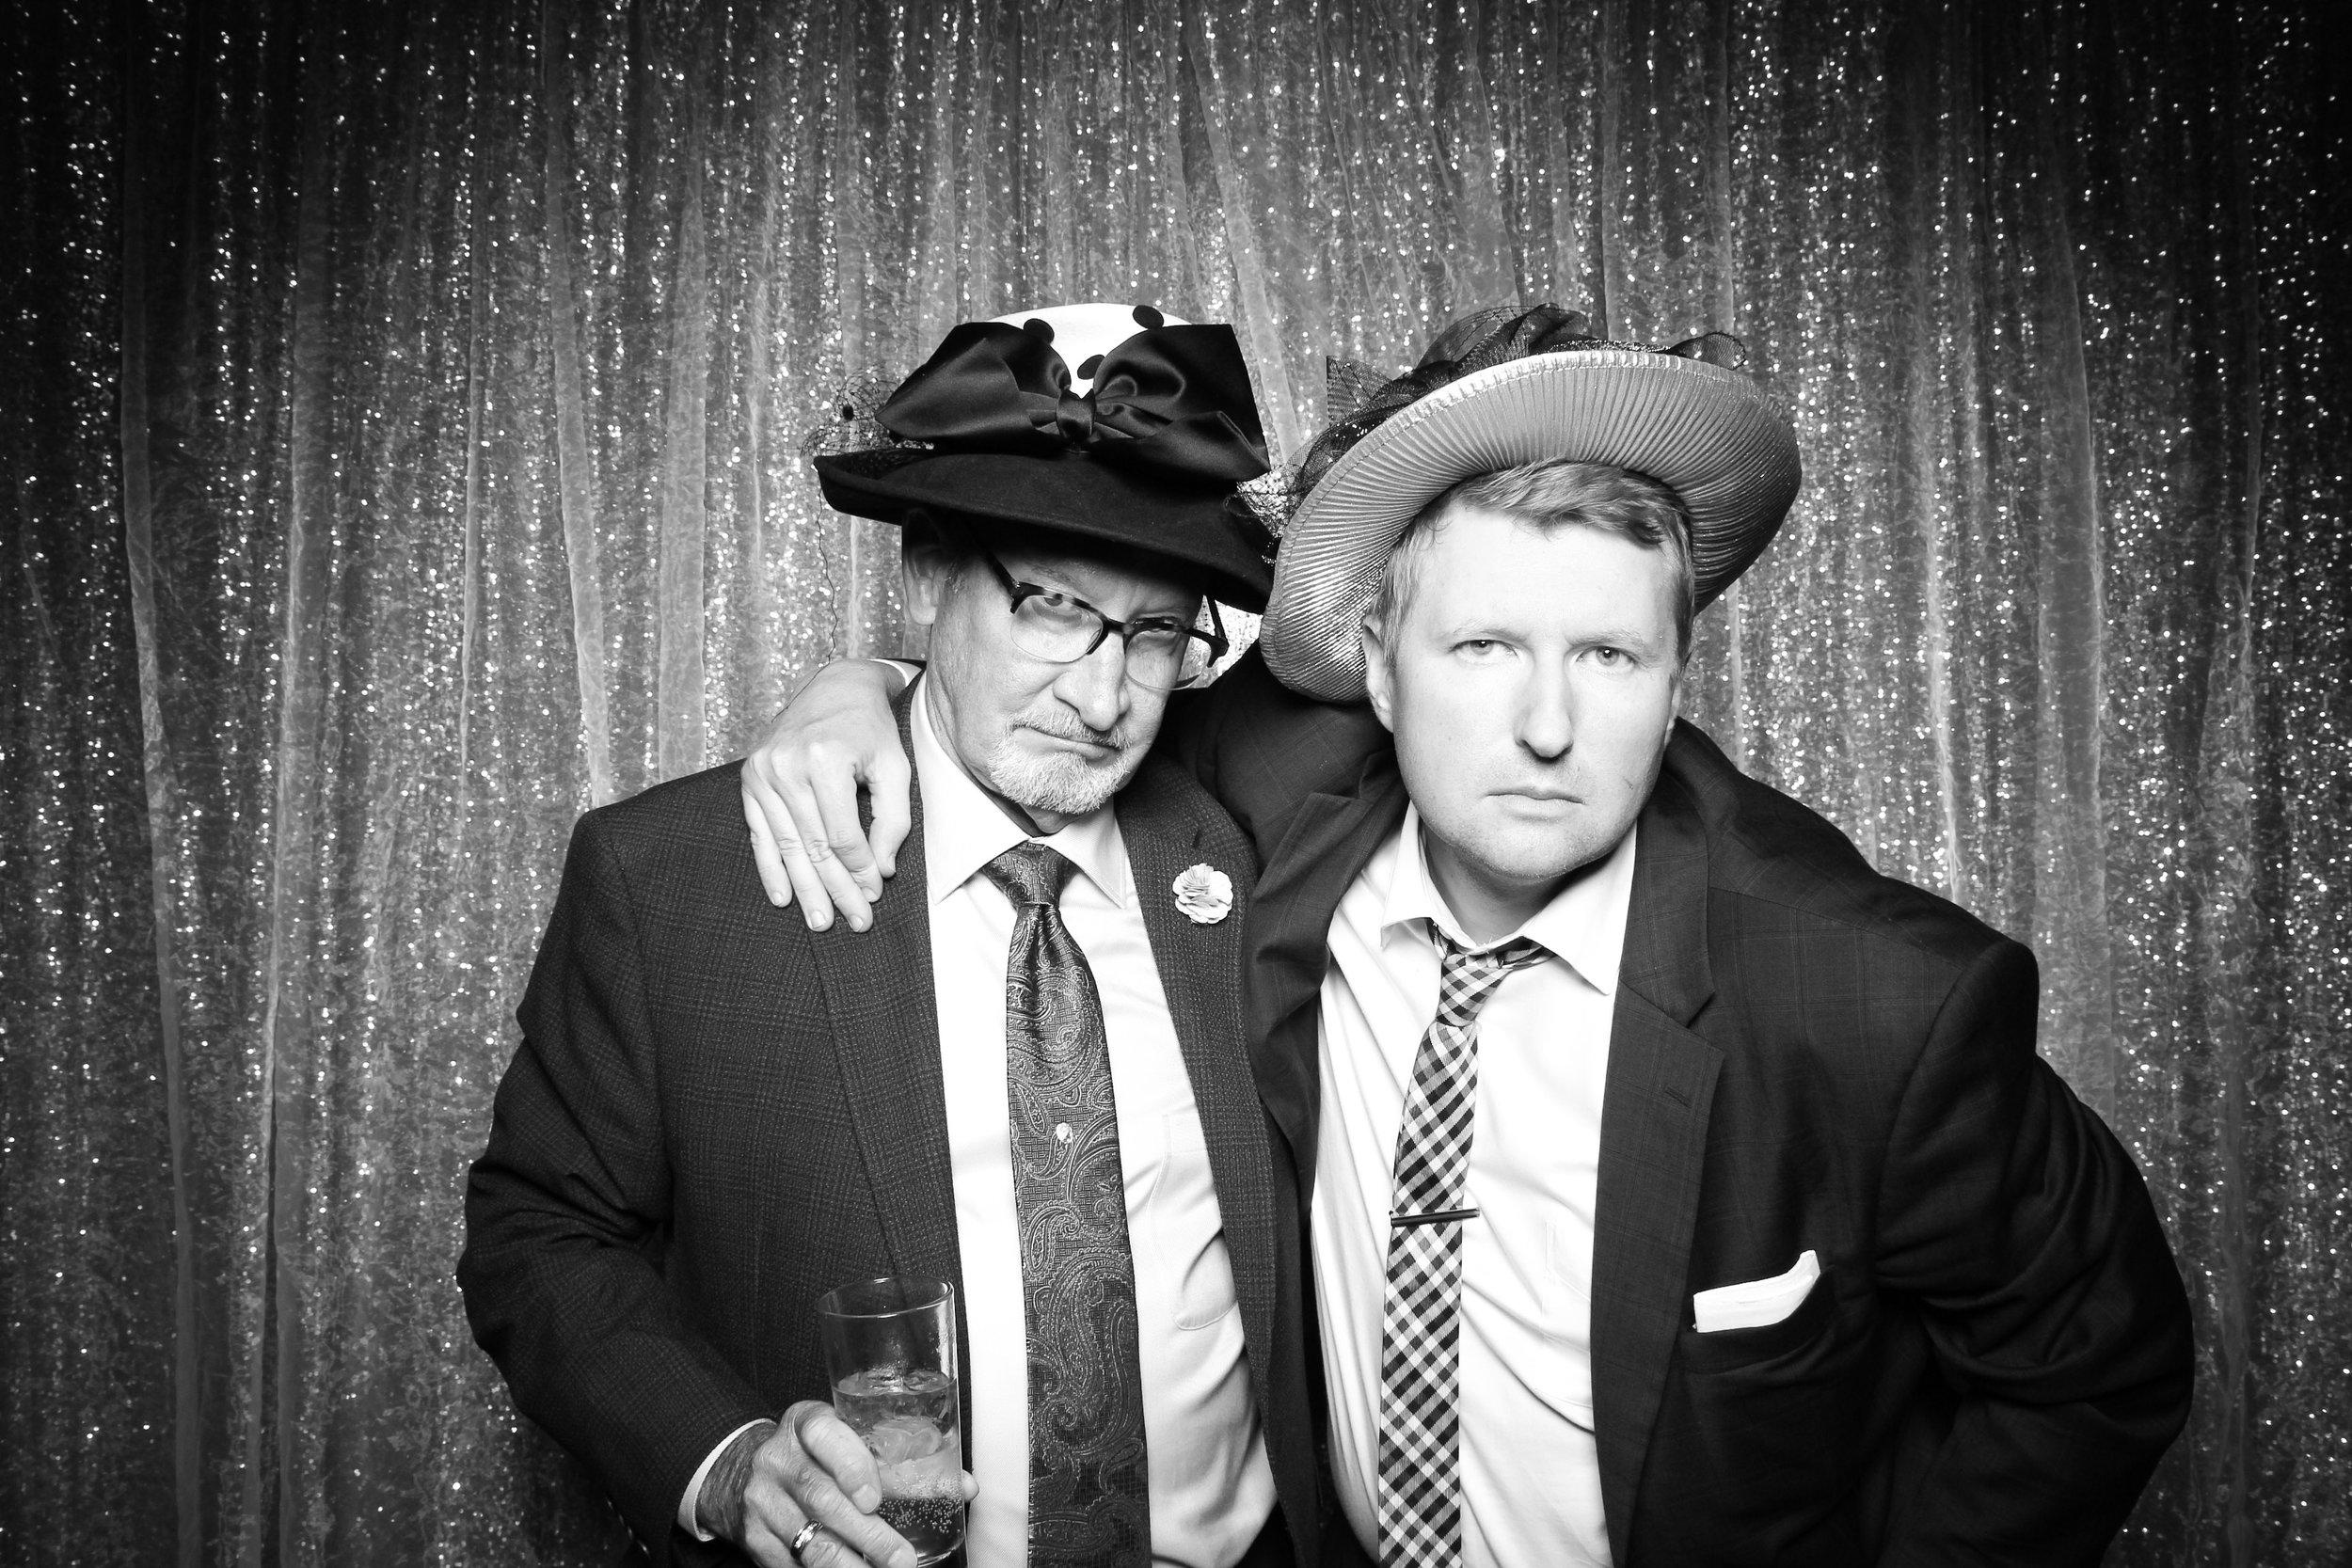 Chicago_Vintage_Wedding_Photobooth_Salvatores_61.jpg